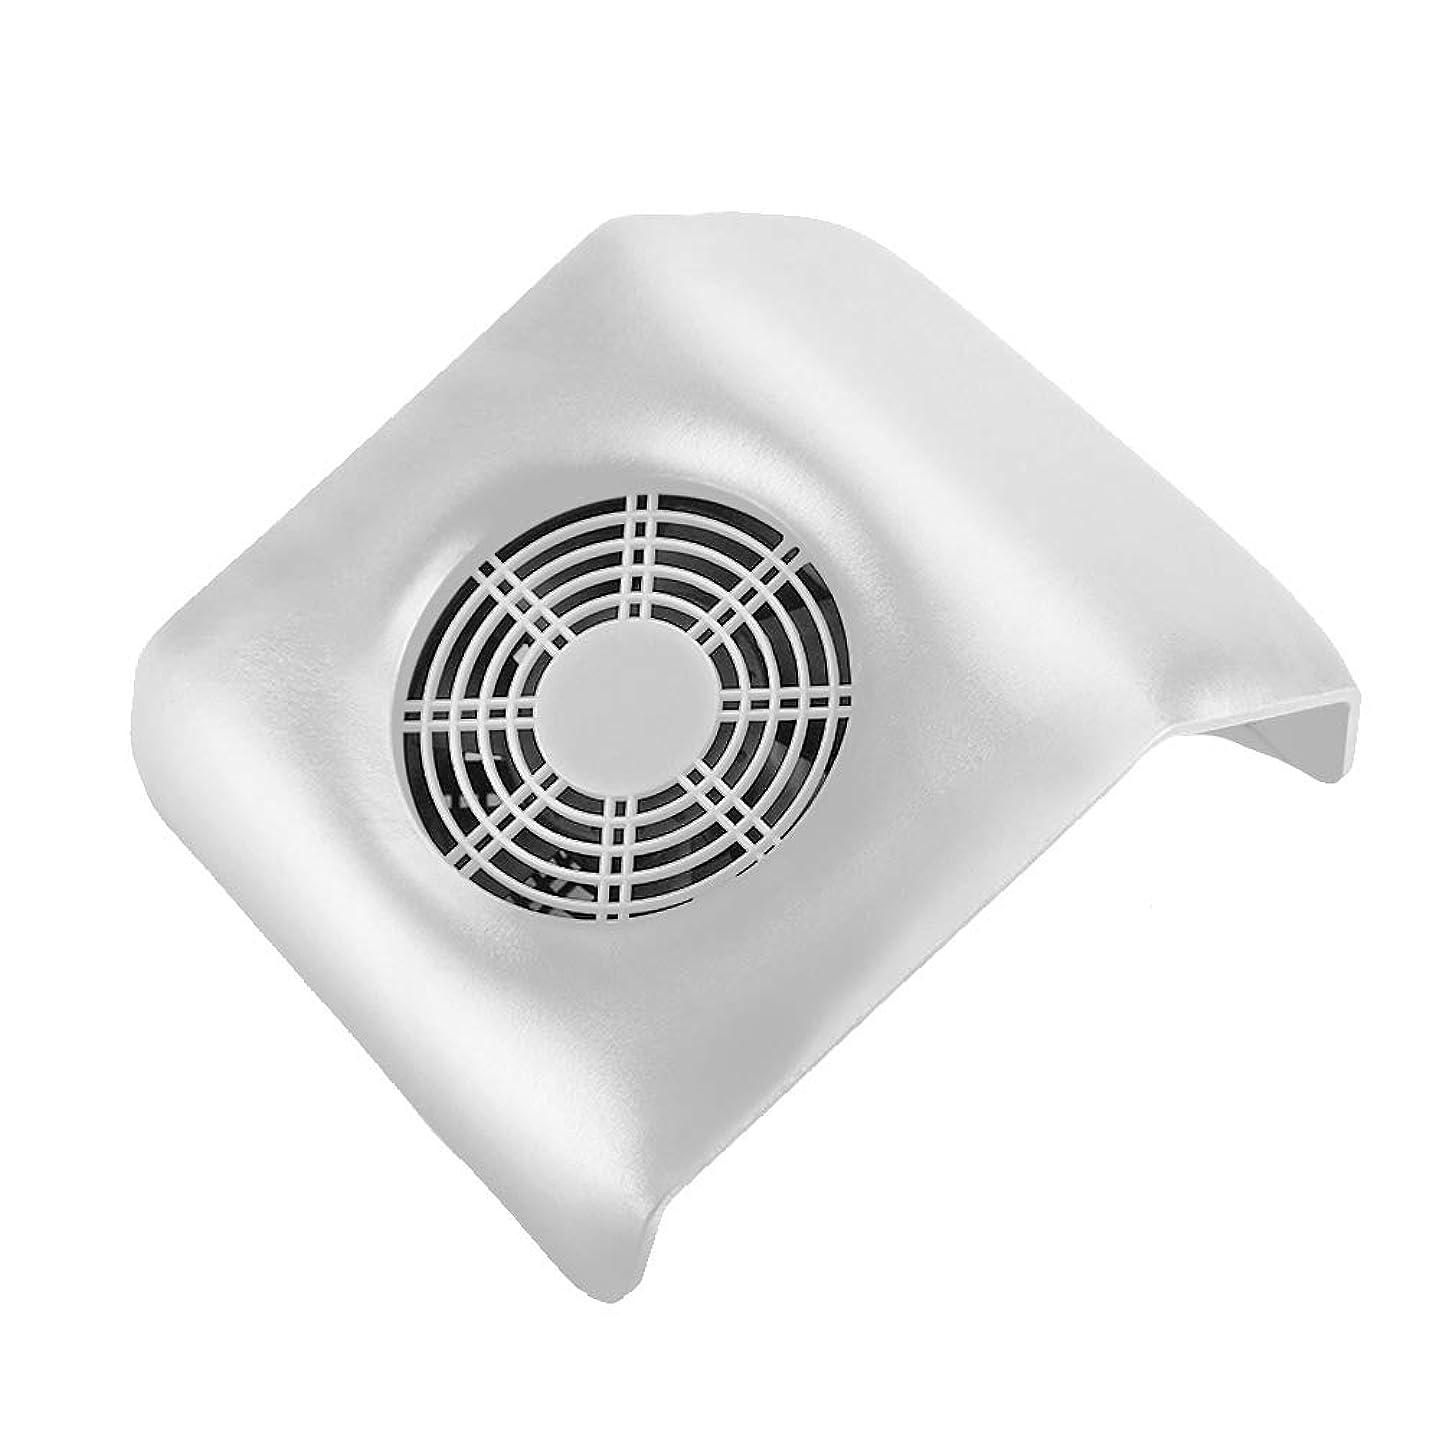 悔い改めねじれ受け取るネイル 集塵機 ネイルアート掃除機 ネイルマシン ネイルダスト ダストクリーナー ネイル機器 集塵バッグ付き ホワイト